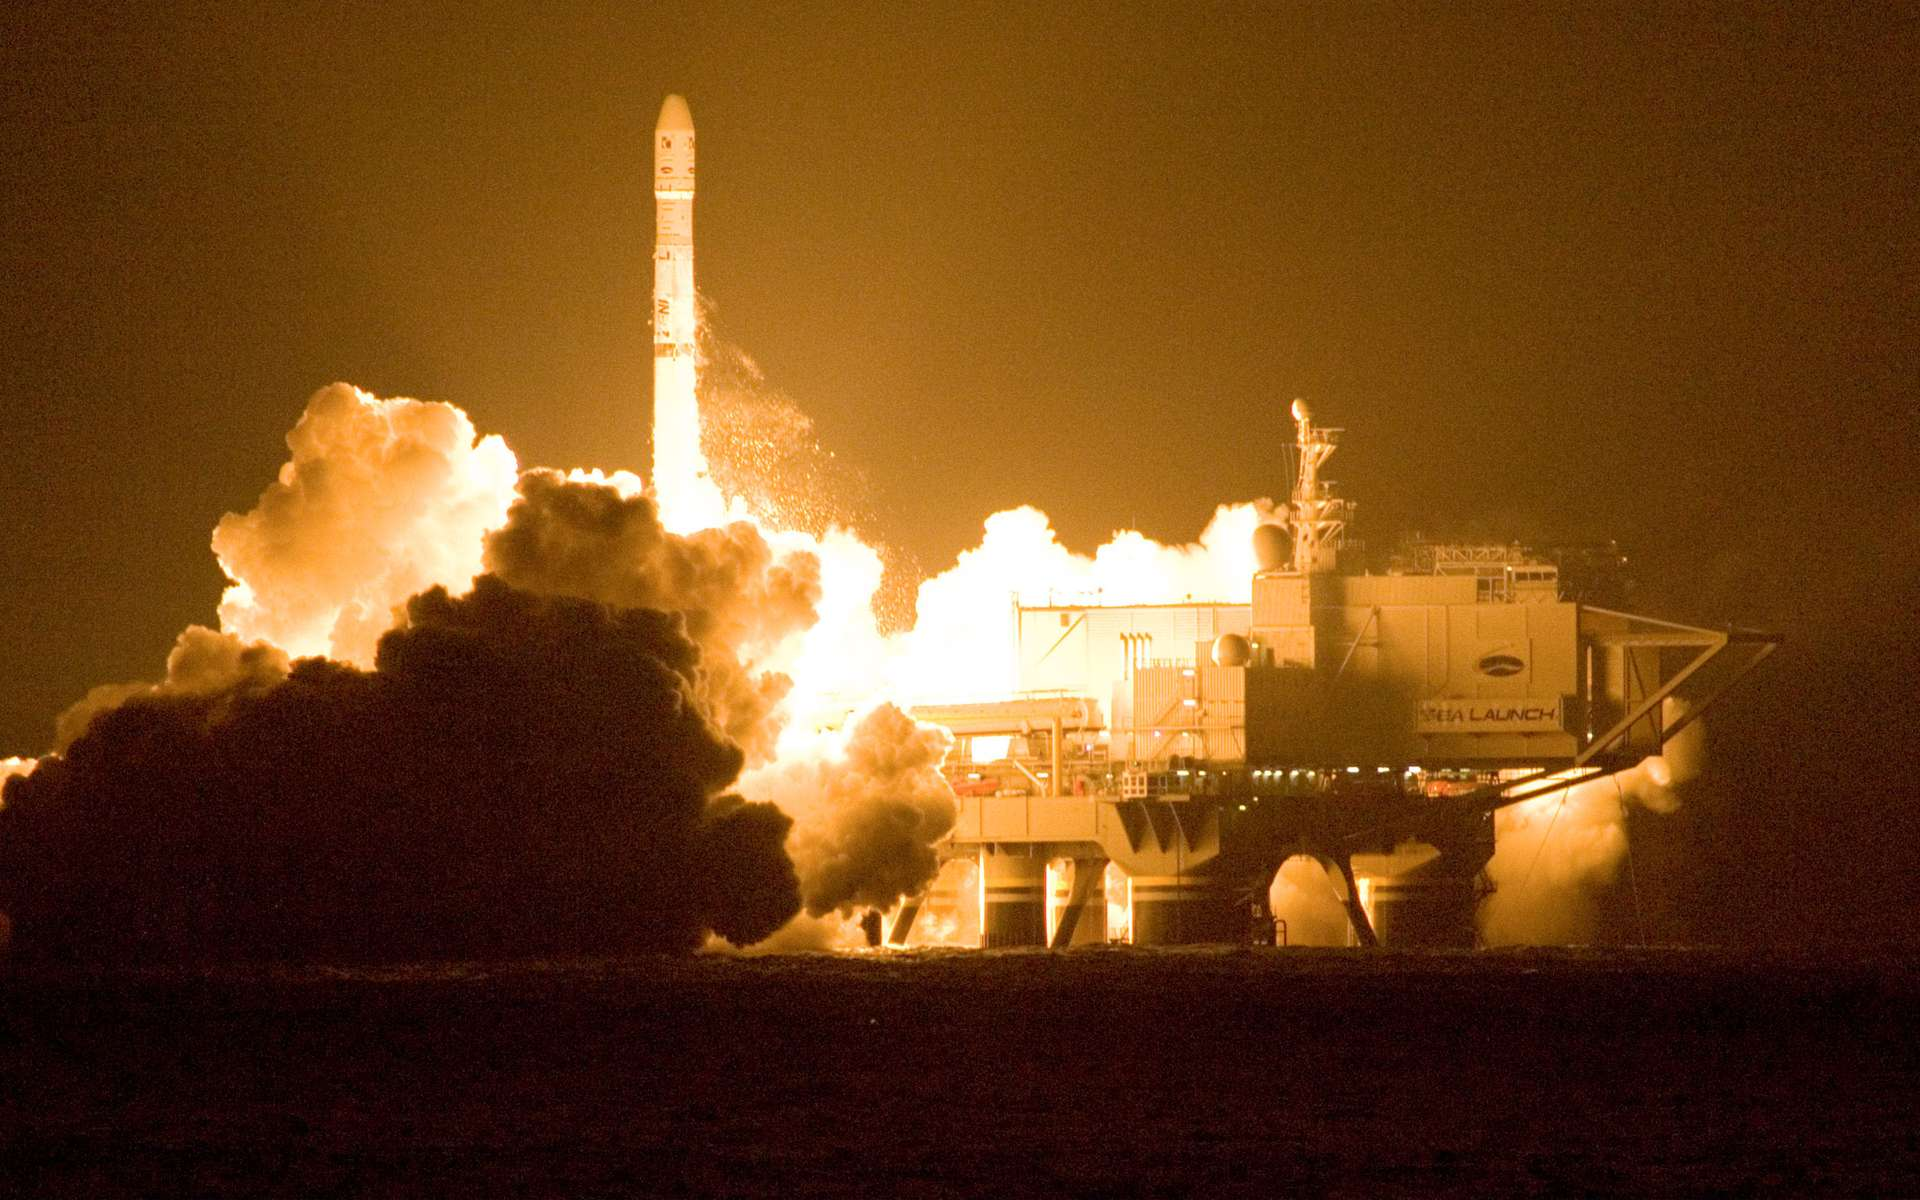 Pour une raison inexpliquée, le satellite Intelsat-19 n'a pas pu déployer un de ses panneaux solaires. Un coup dur pour Space Systems/Lora, le constructeur du satellite. À l'image, décollage d'un lanceur russo-ukrainien depuis la plateforme mobile de Sea Launch. © Sea Launch